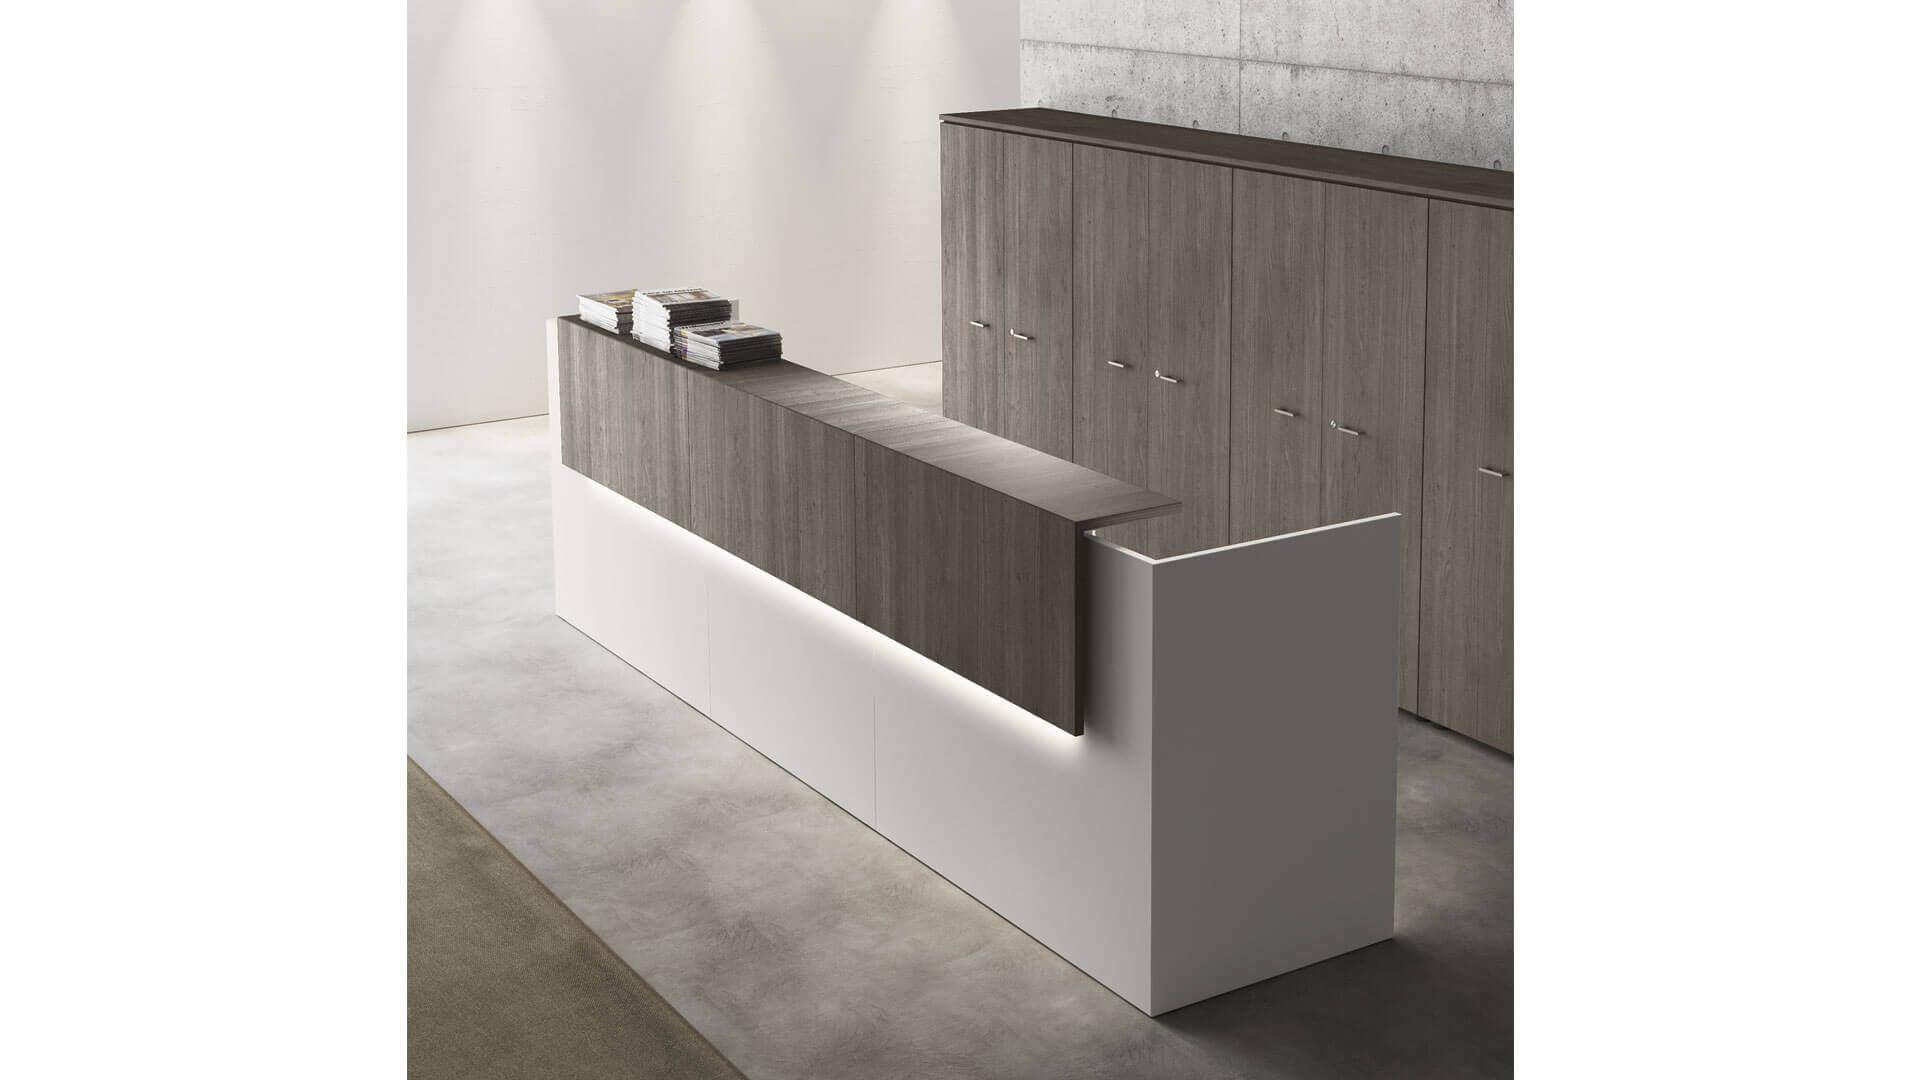 Mostrador de recepción modular y minimalista